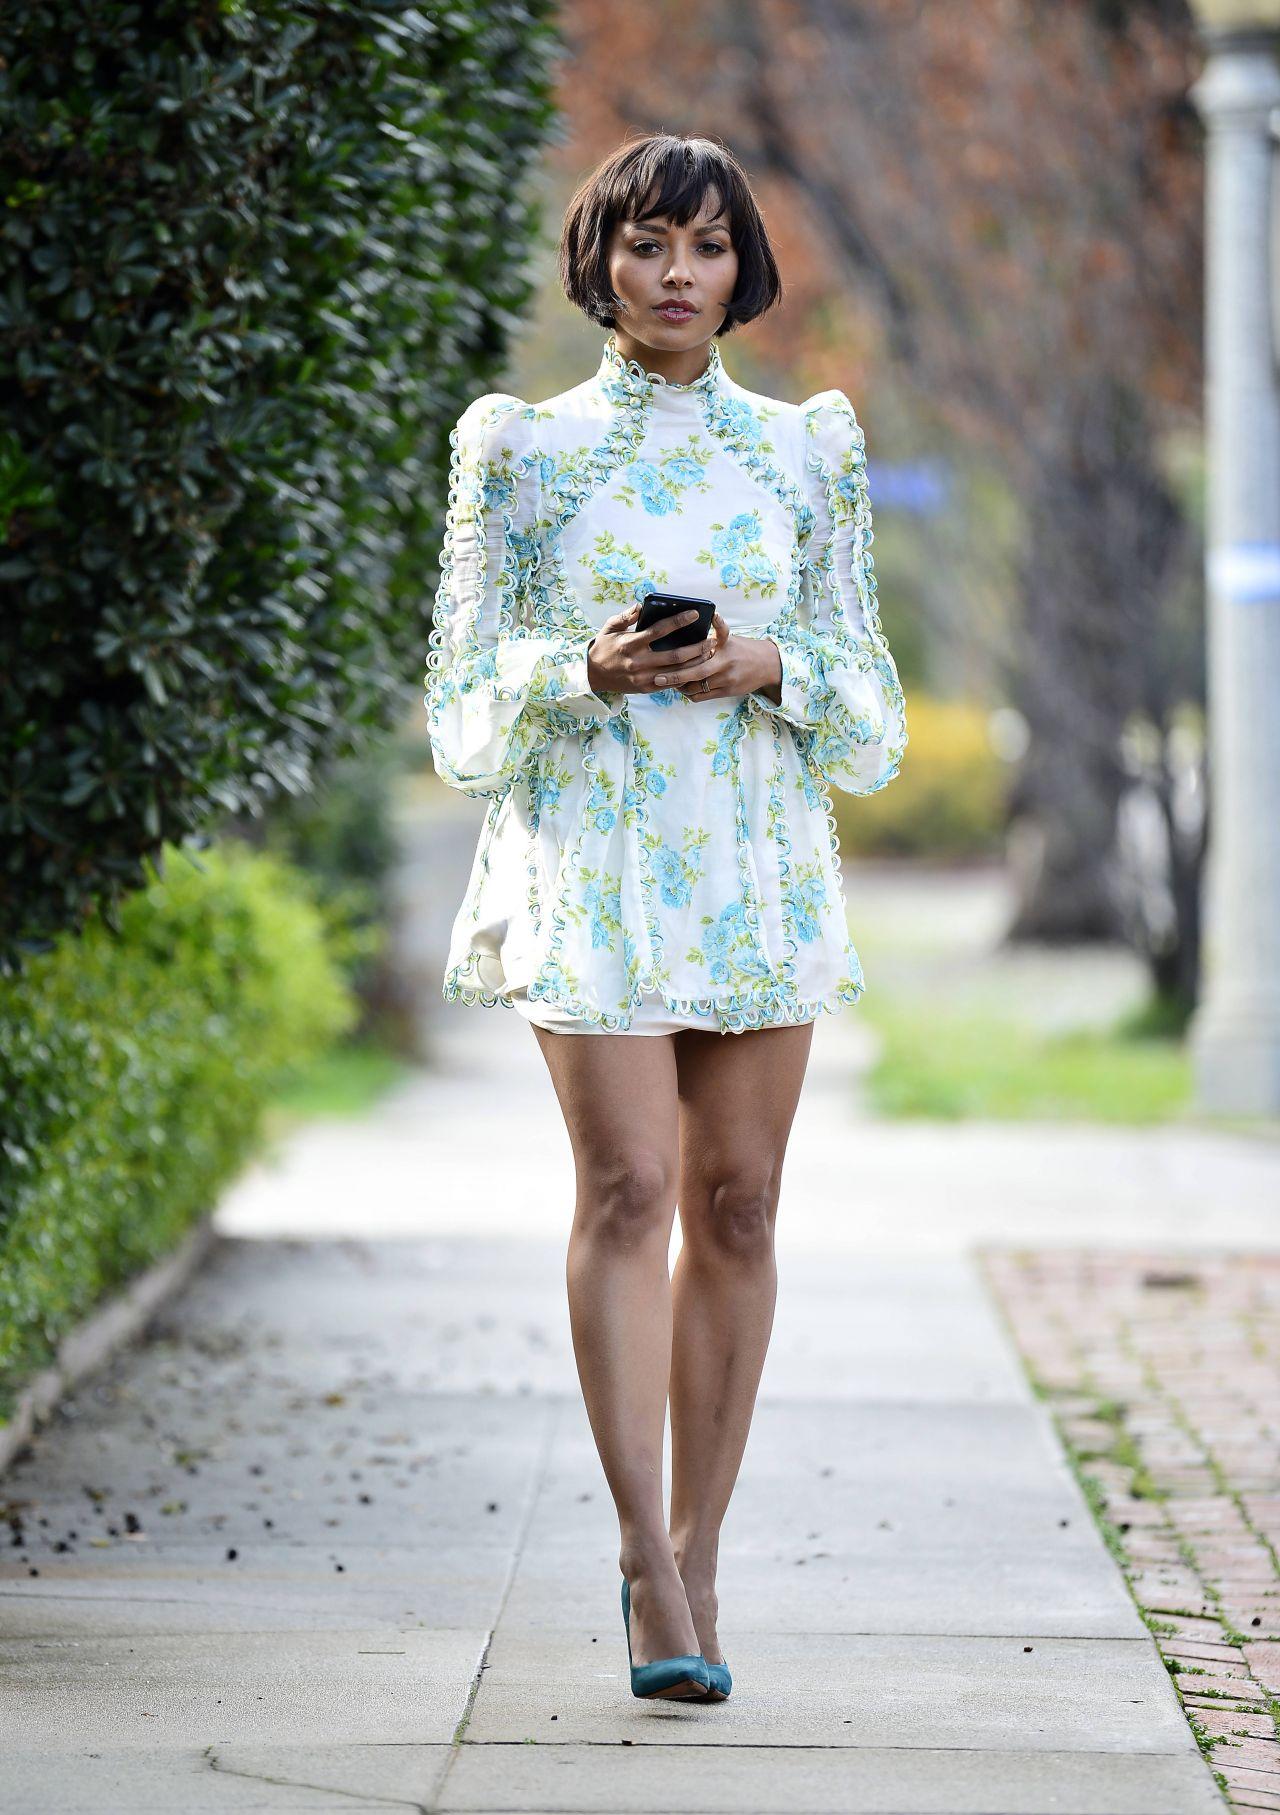 https://celebmafia.com/wp-content/uploads/2019/01/kat-graham-in-mini-dress-01-09-2019-9.jpg